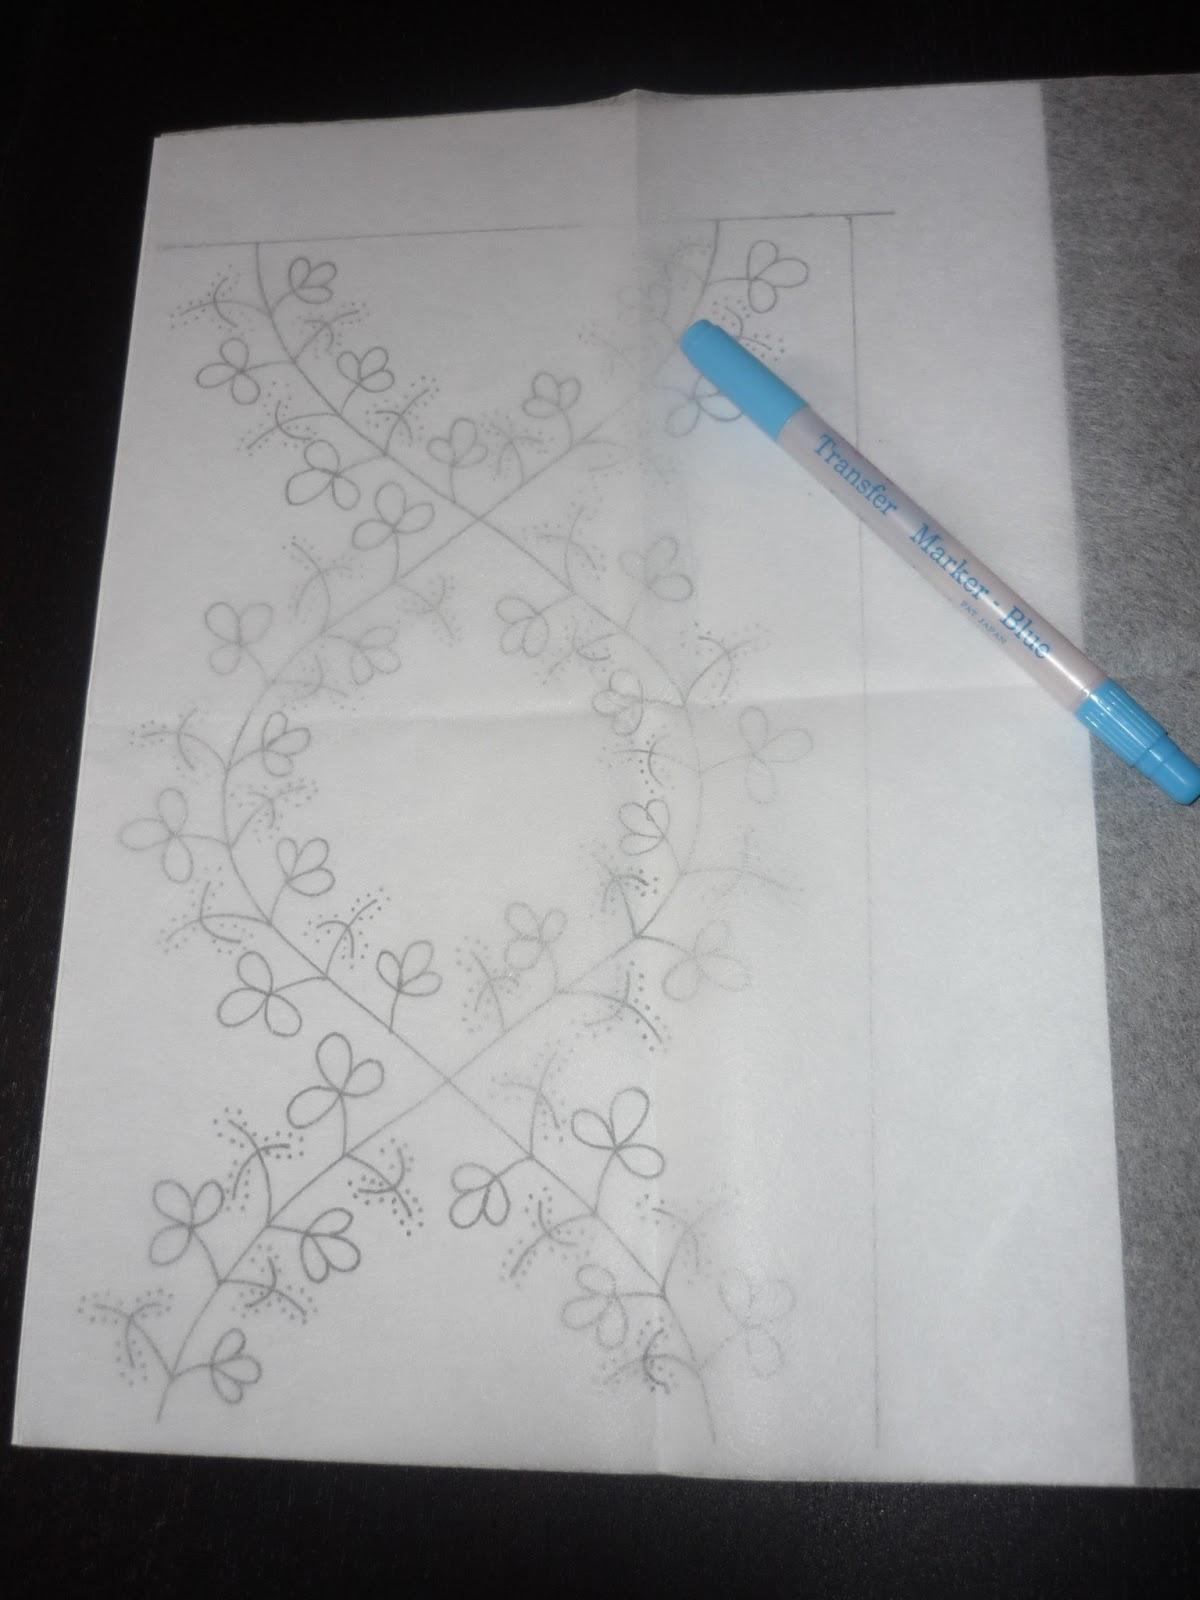 Coser y Coser Patchwork: Como utilizar papel para transferir dibujos.